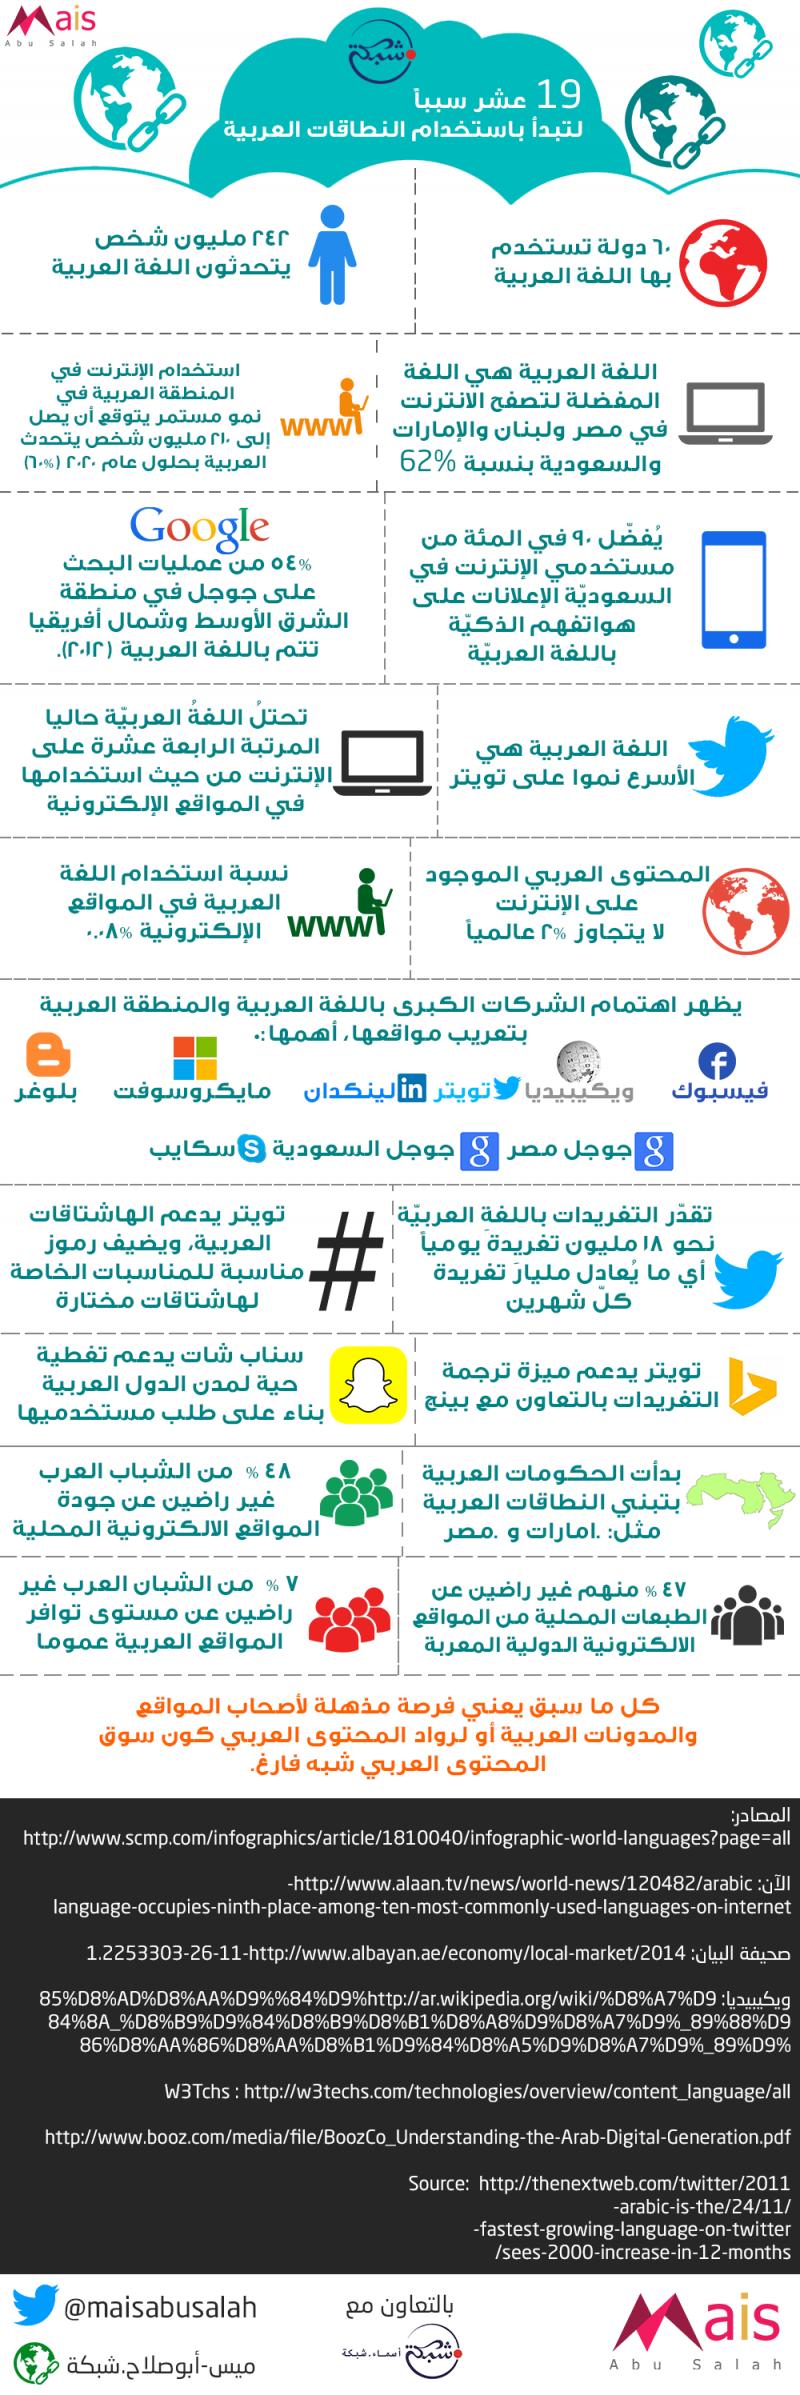 19 سبباً لتبدأ باستخدام النطاقات العربية #انفوجرافيك